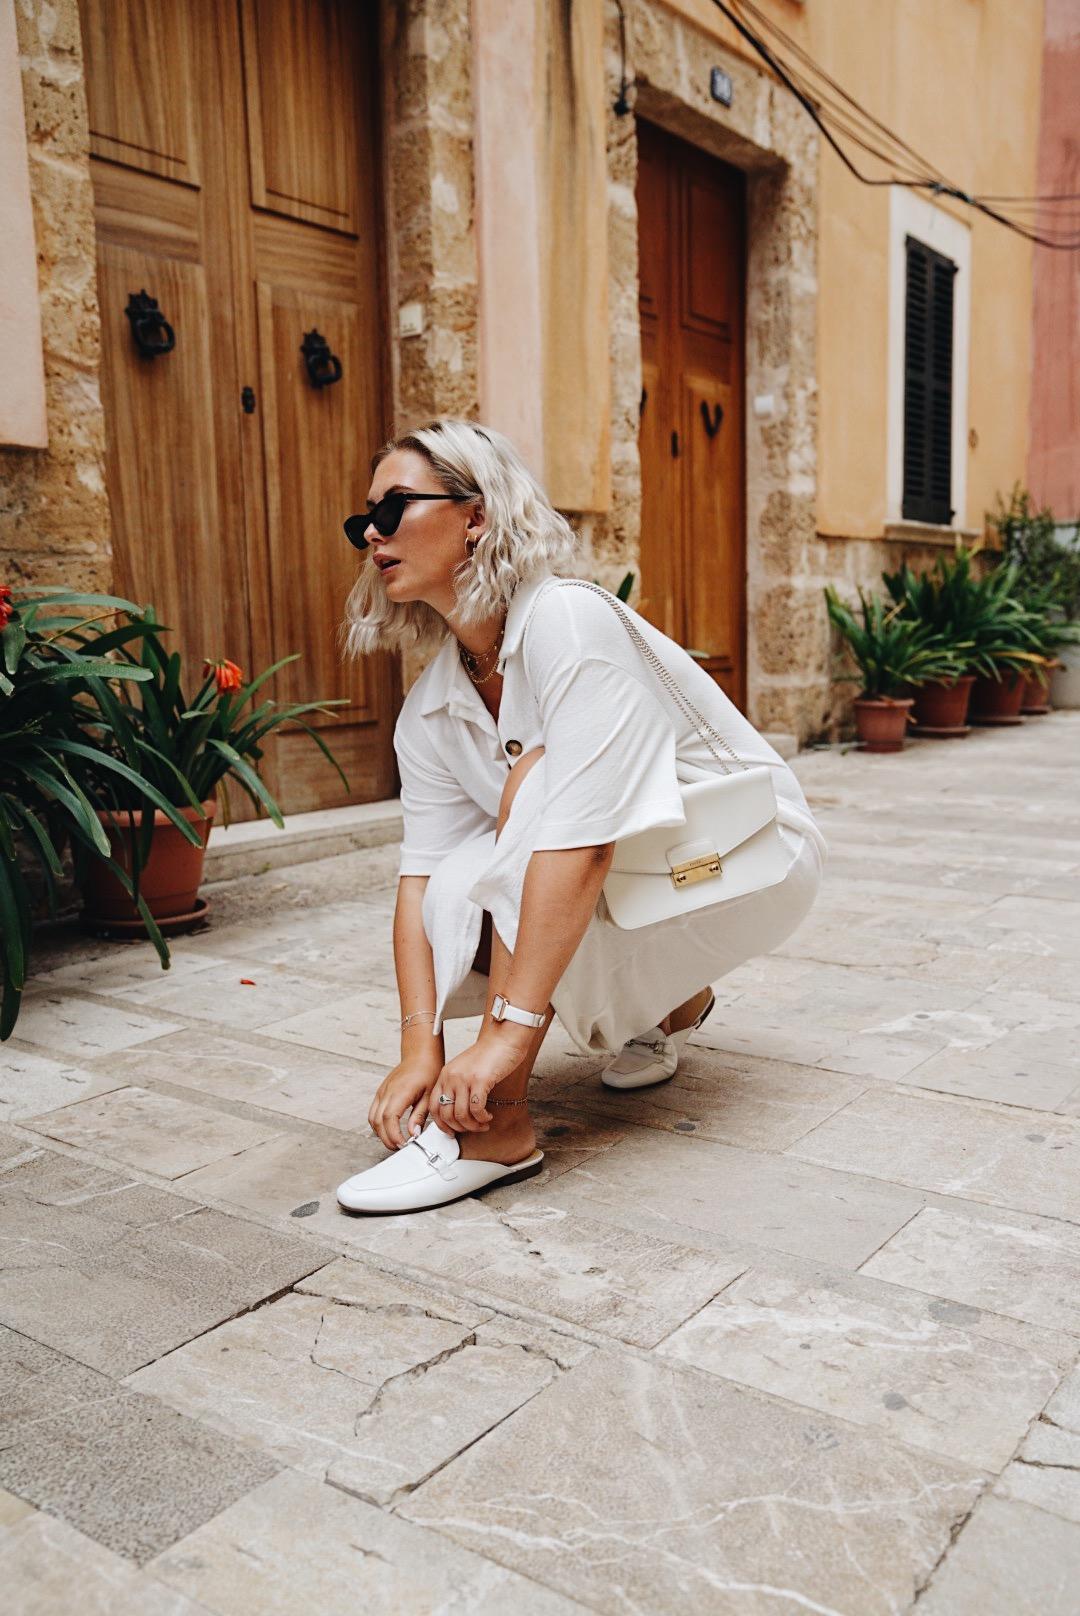 c92388c96ed Ganz in weiß  5 Tipps für euren all-white Sommerlook - fashion for ...